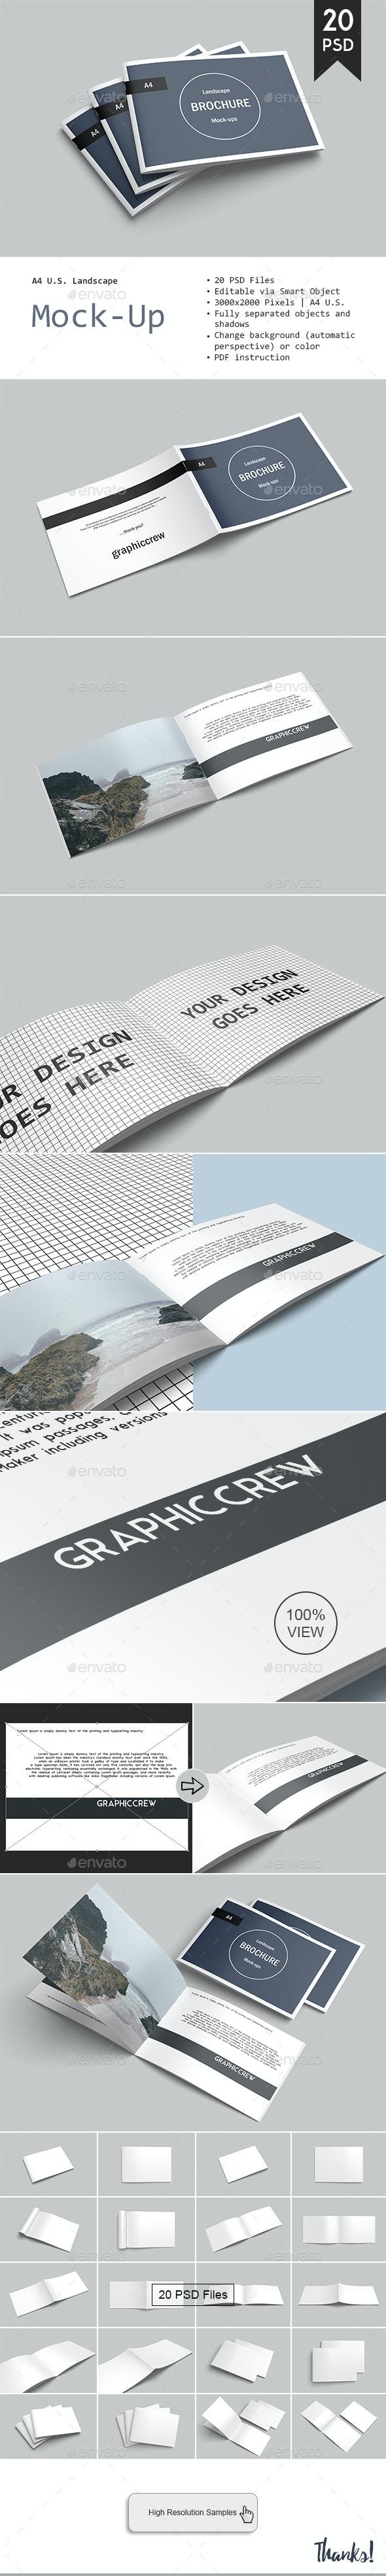 Landscape Brochure Mockup - Brochures Print